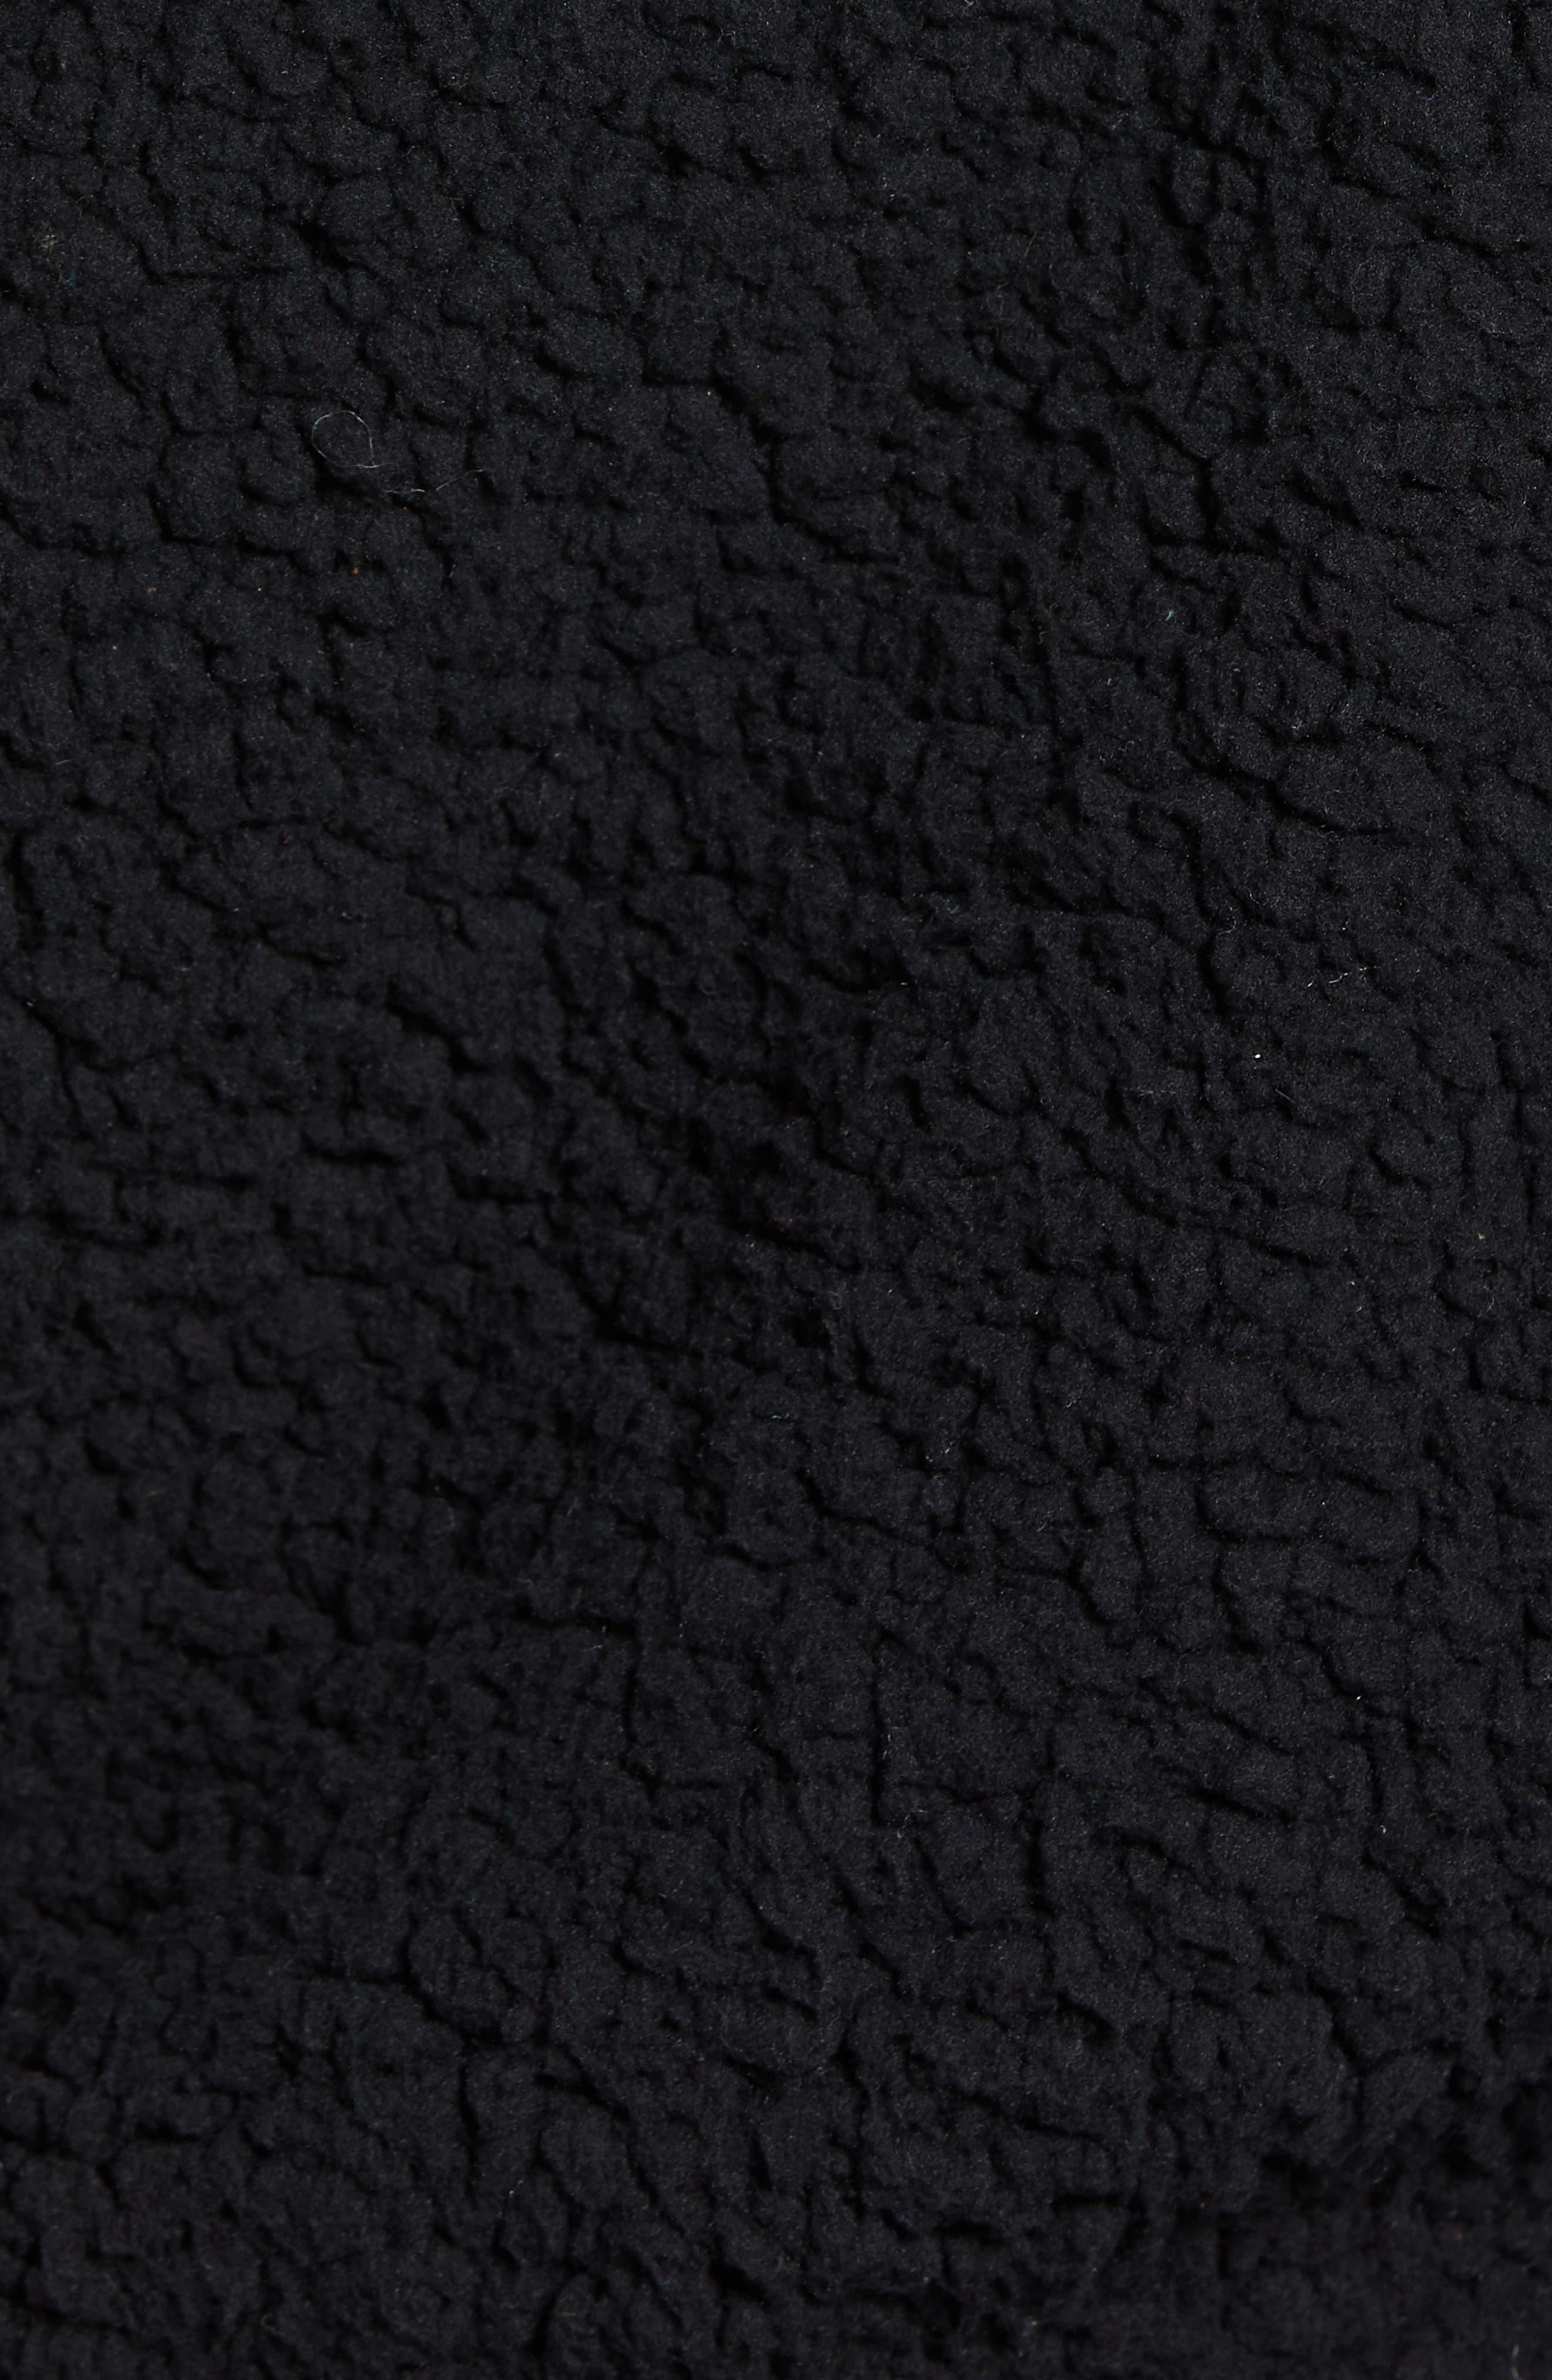 Anaelisa Fleece Bomber Jacket,                             Alternate thumbnail 7, color,                             001